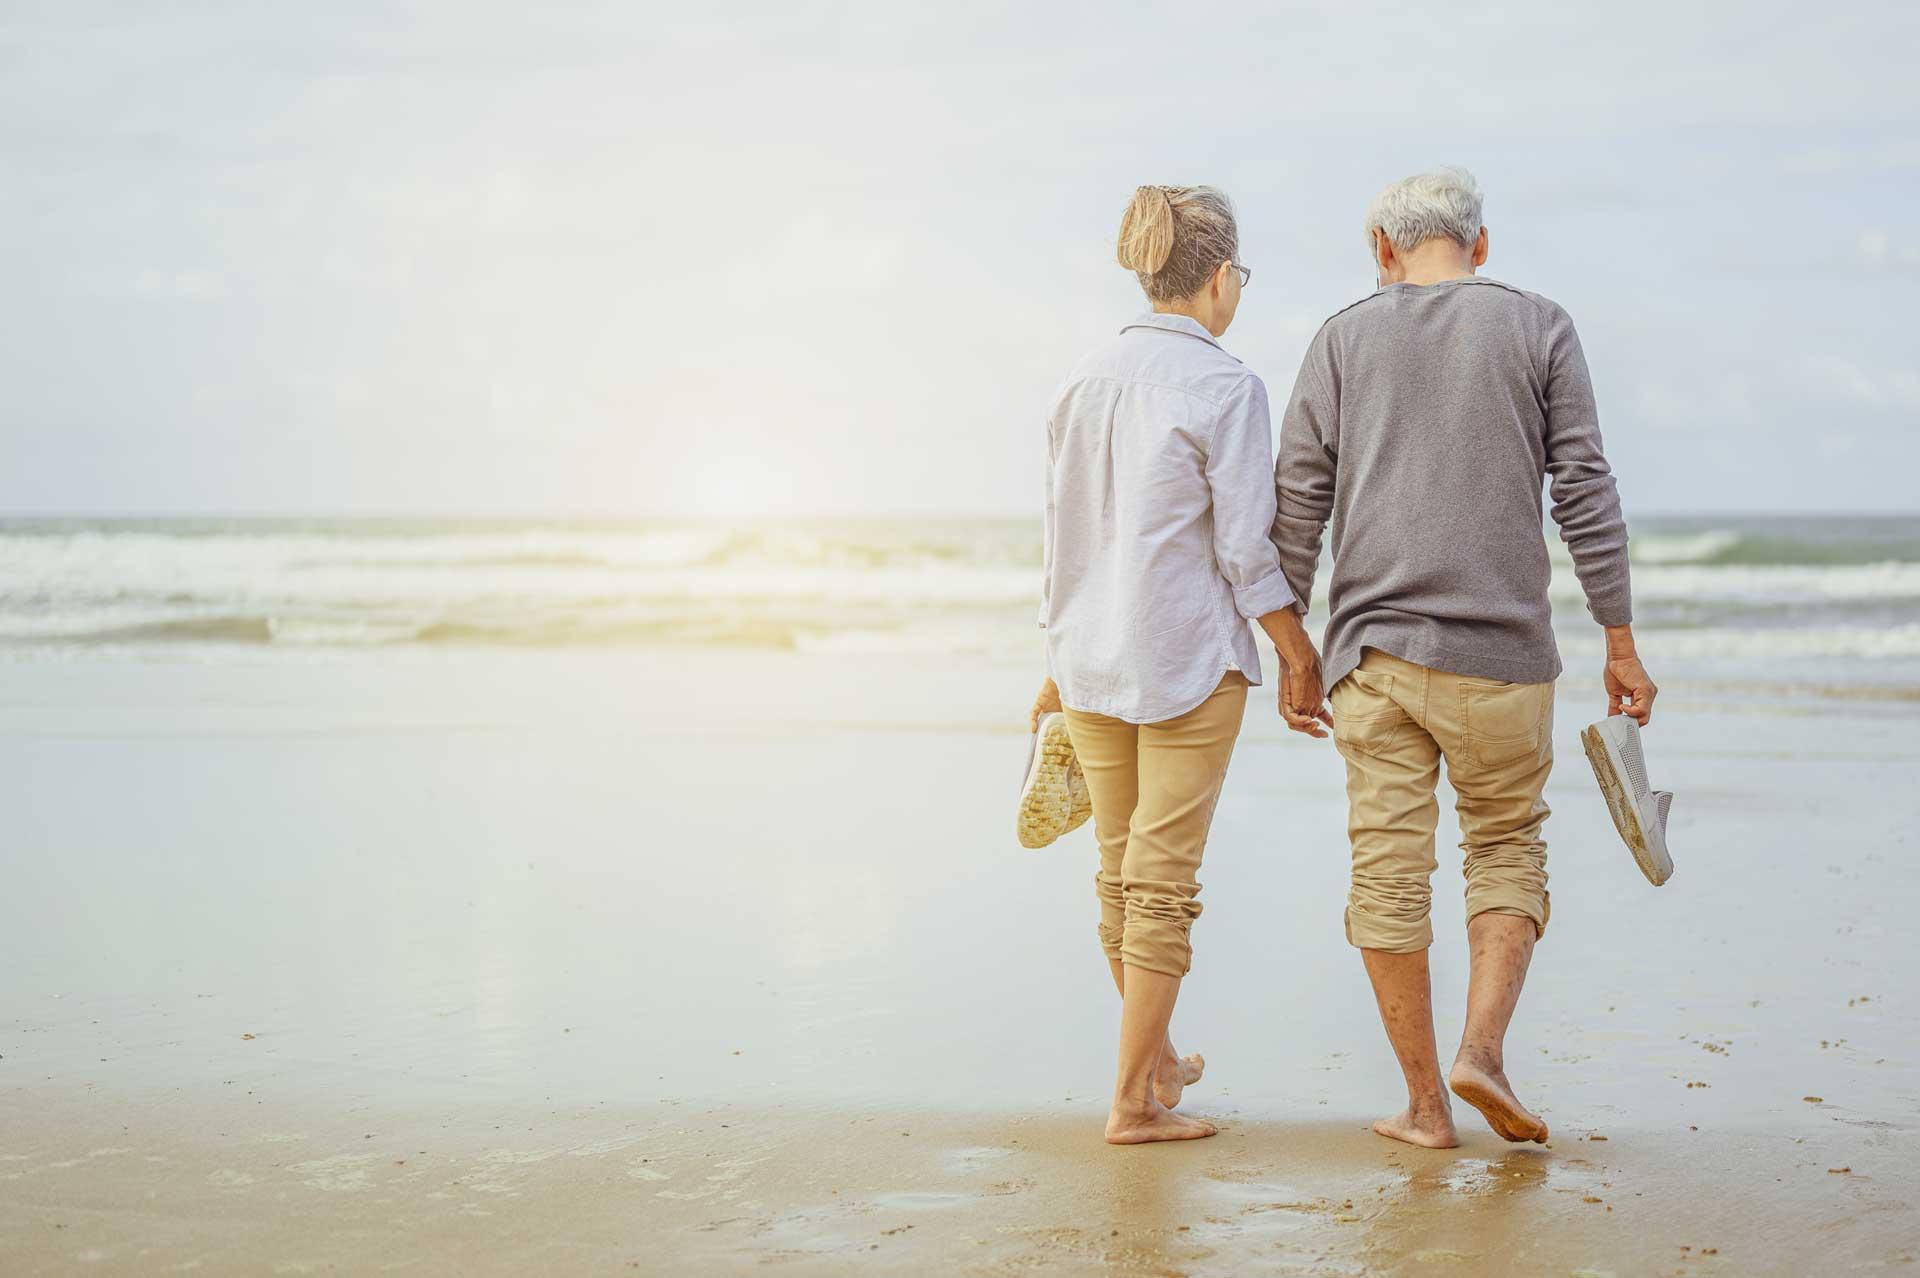 Retireees walking on beach at Kohlnhofer Insurance Agency